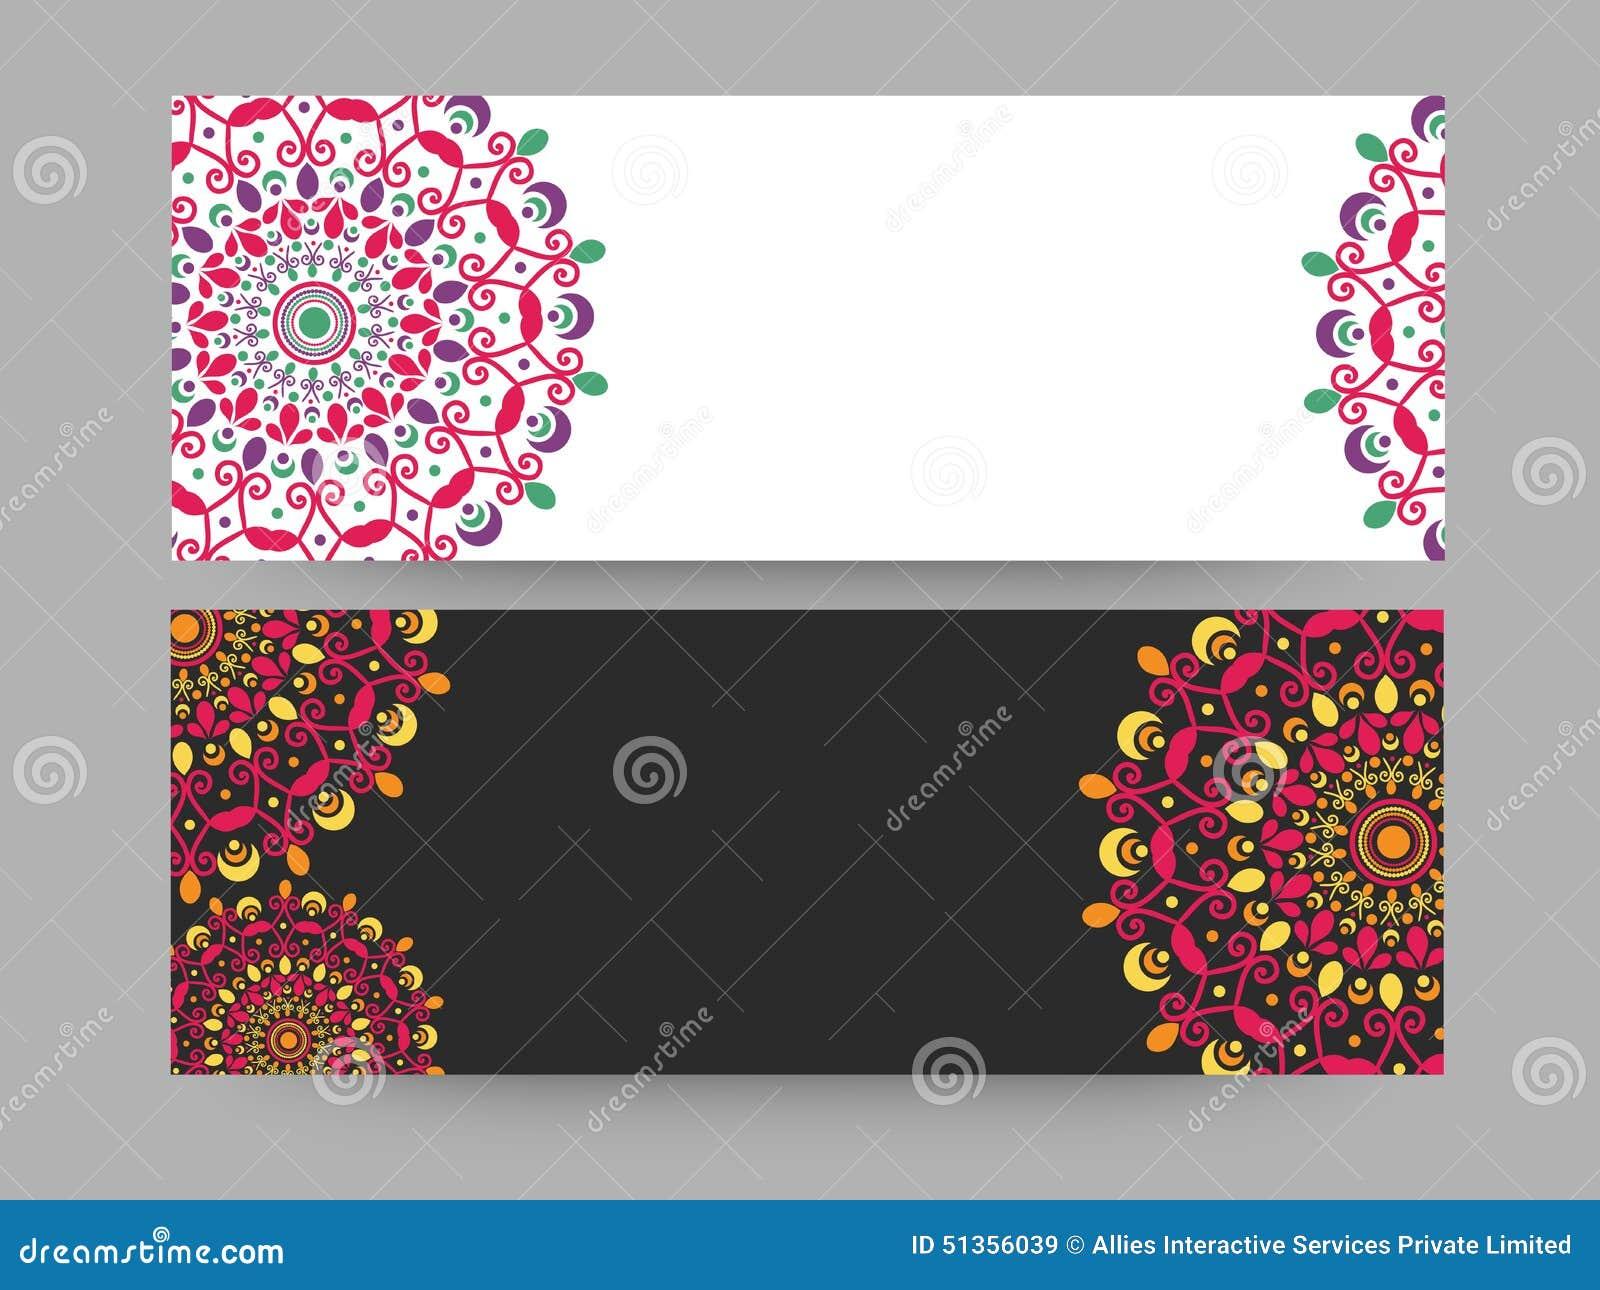 Floral website header or banner set.